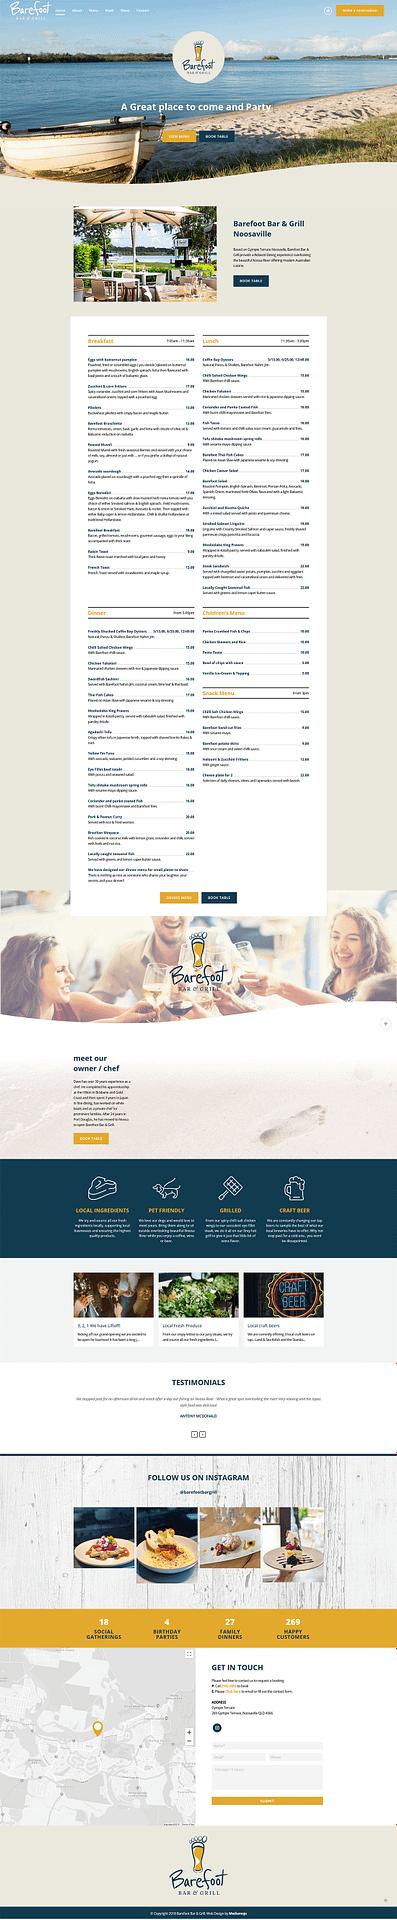 Barefoot Bar & Grill website design